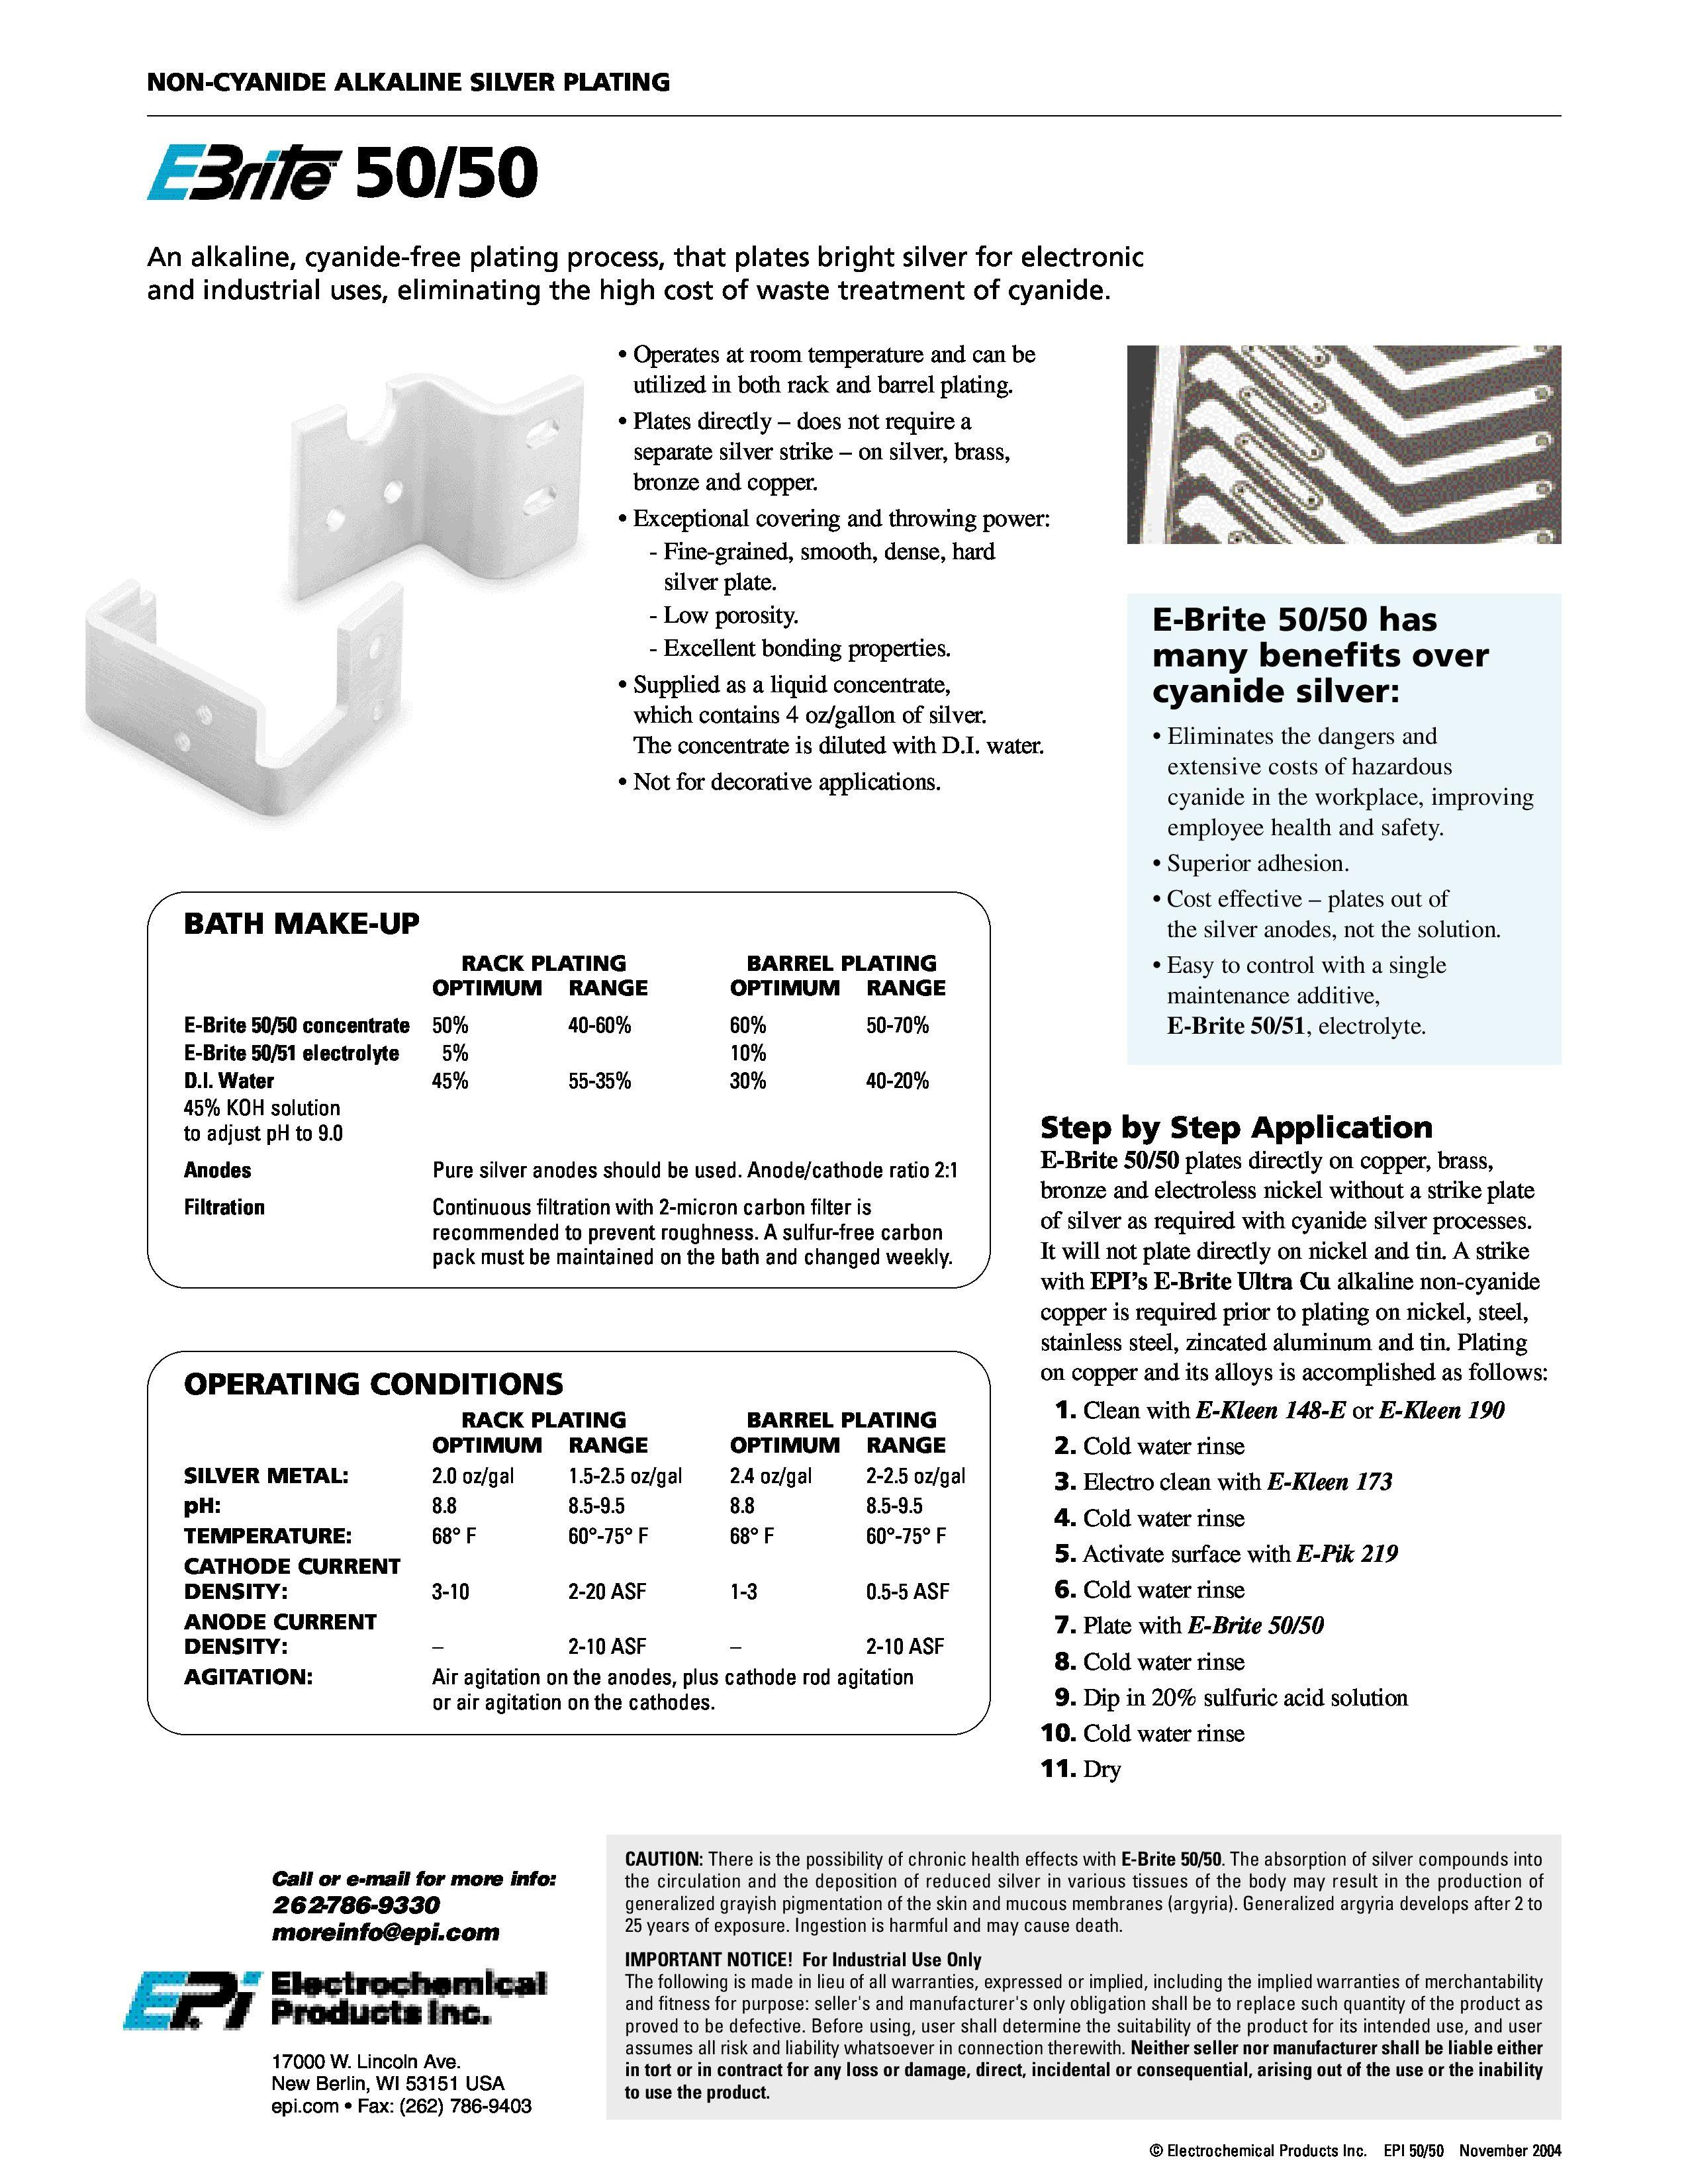 E-Brite 50/50 | Non-Cyanide Alkaline Silver Plating | Silver